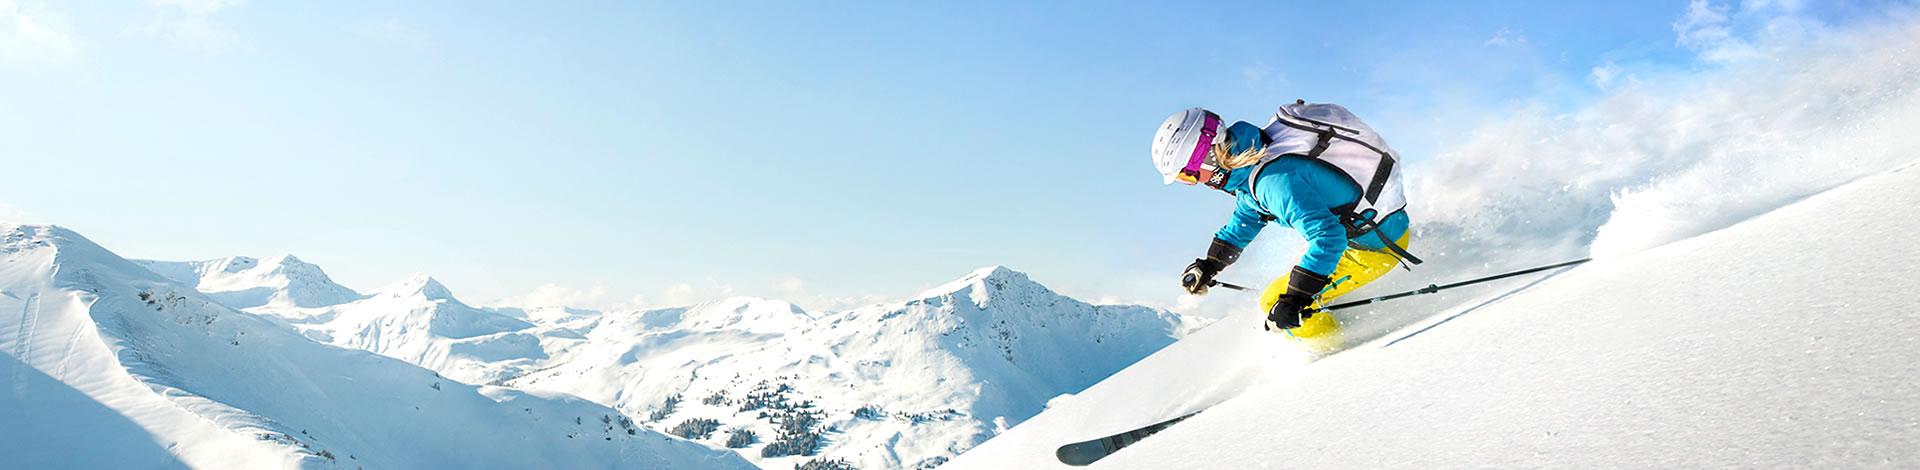 Les nouveautés de ski 2021